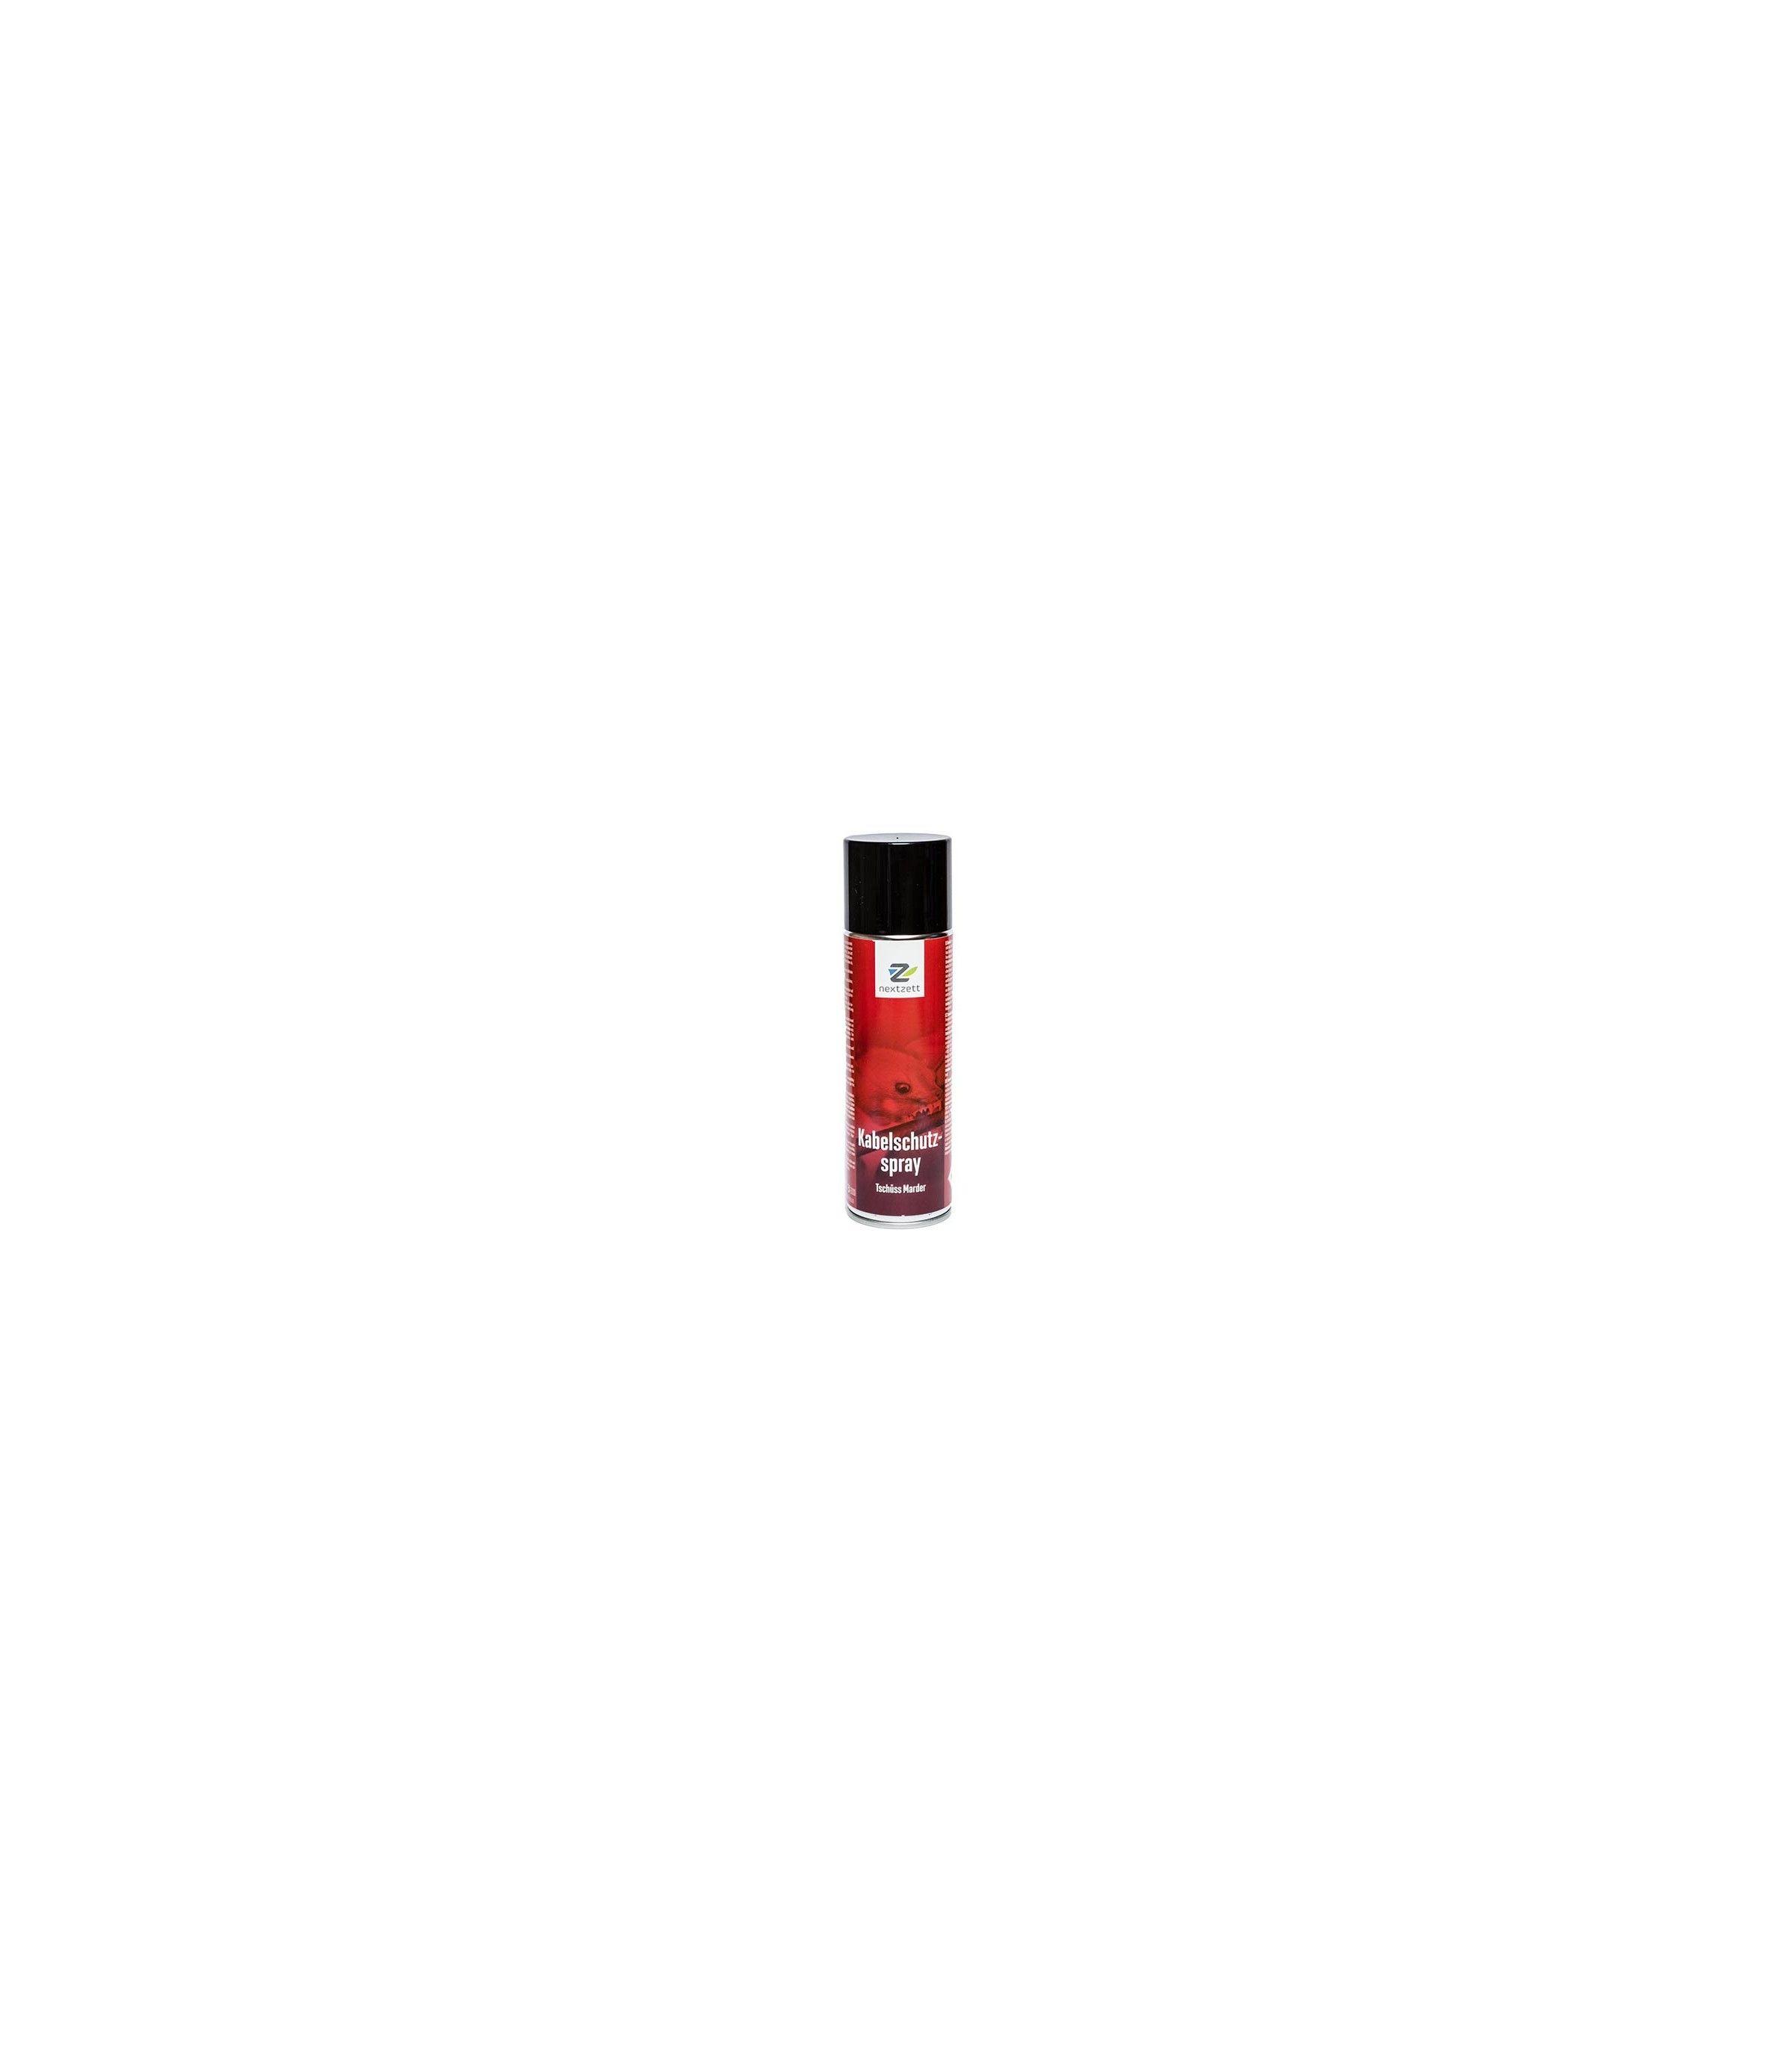 nextzett kableschutz spray tschuss marder spray anti. Black Bedroom Furniture Sets. Home Design Ideas